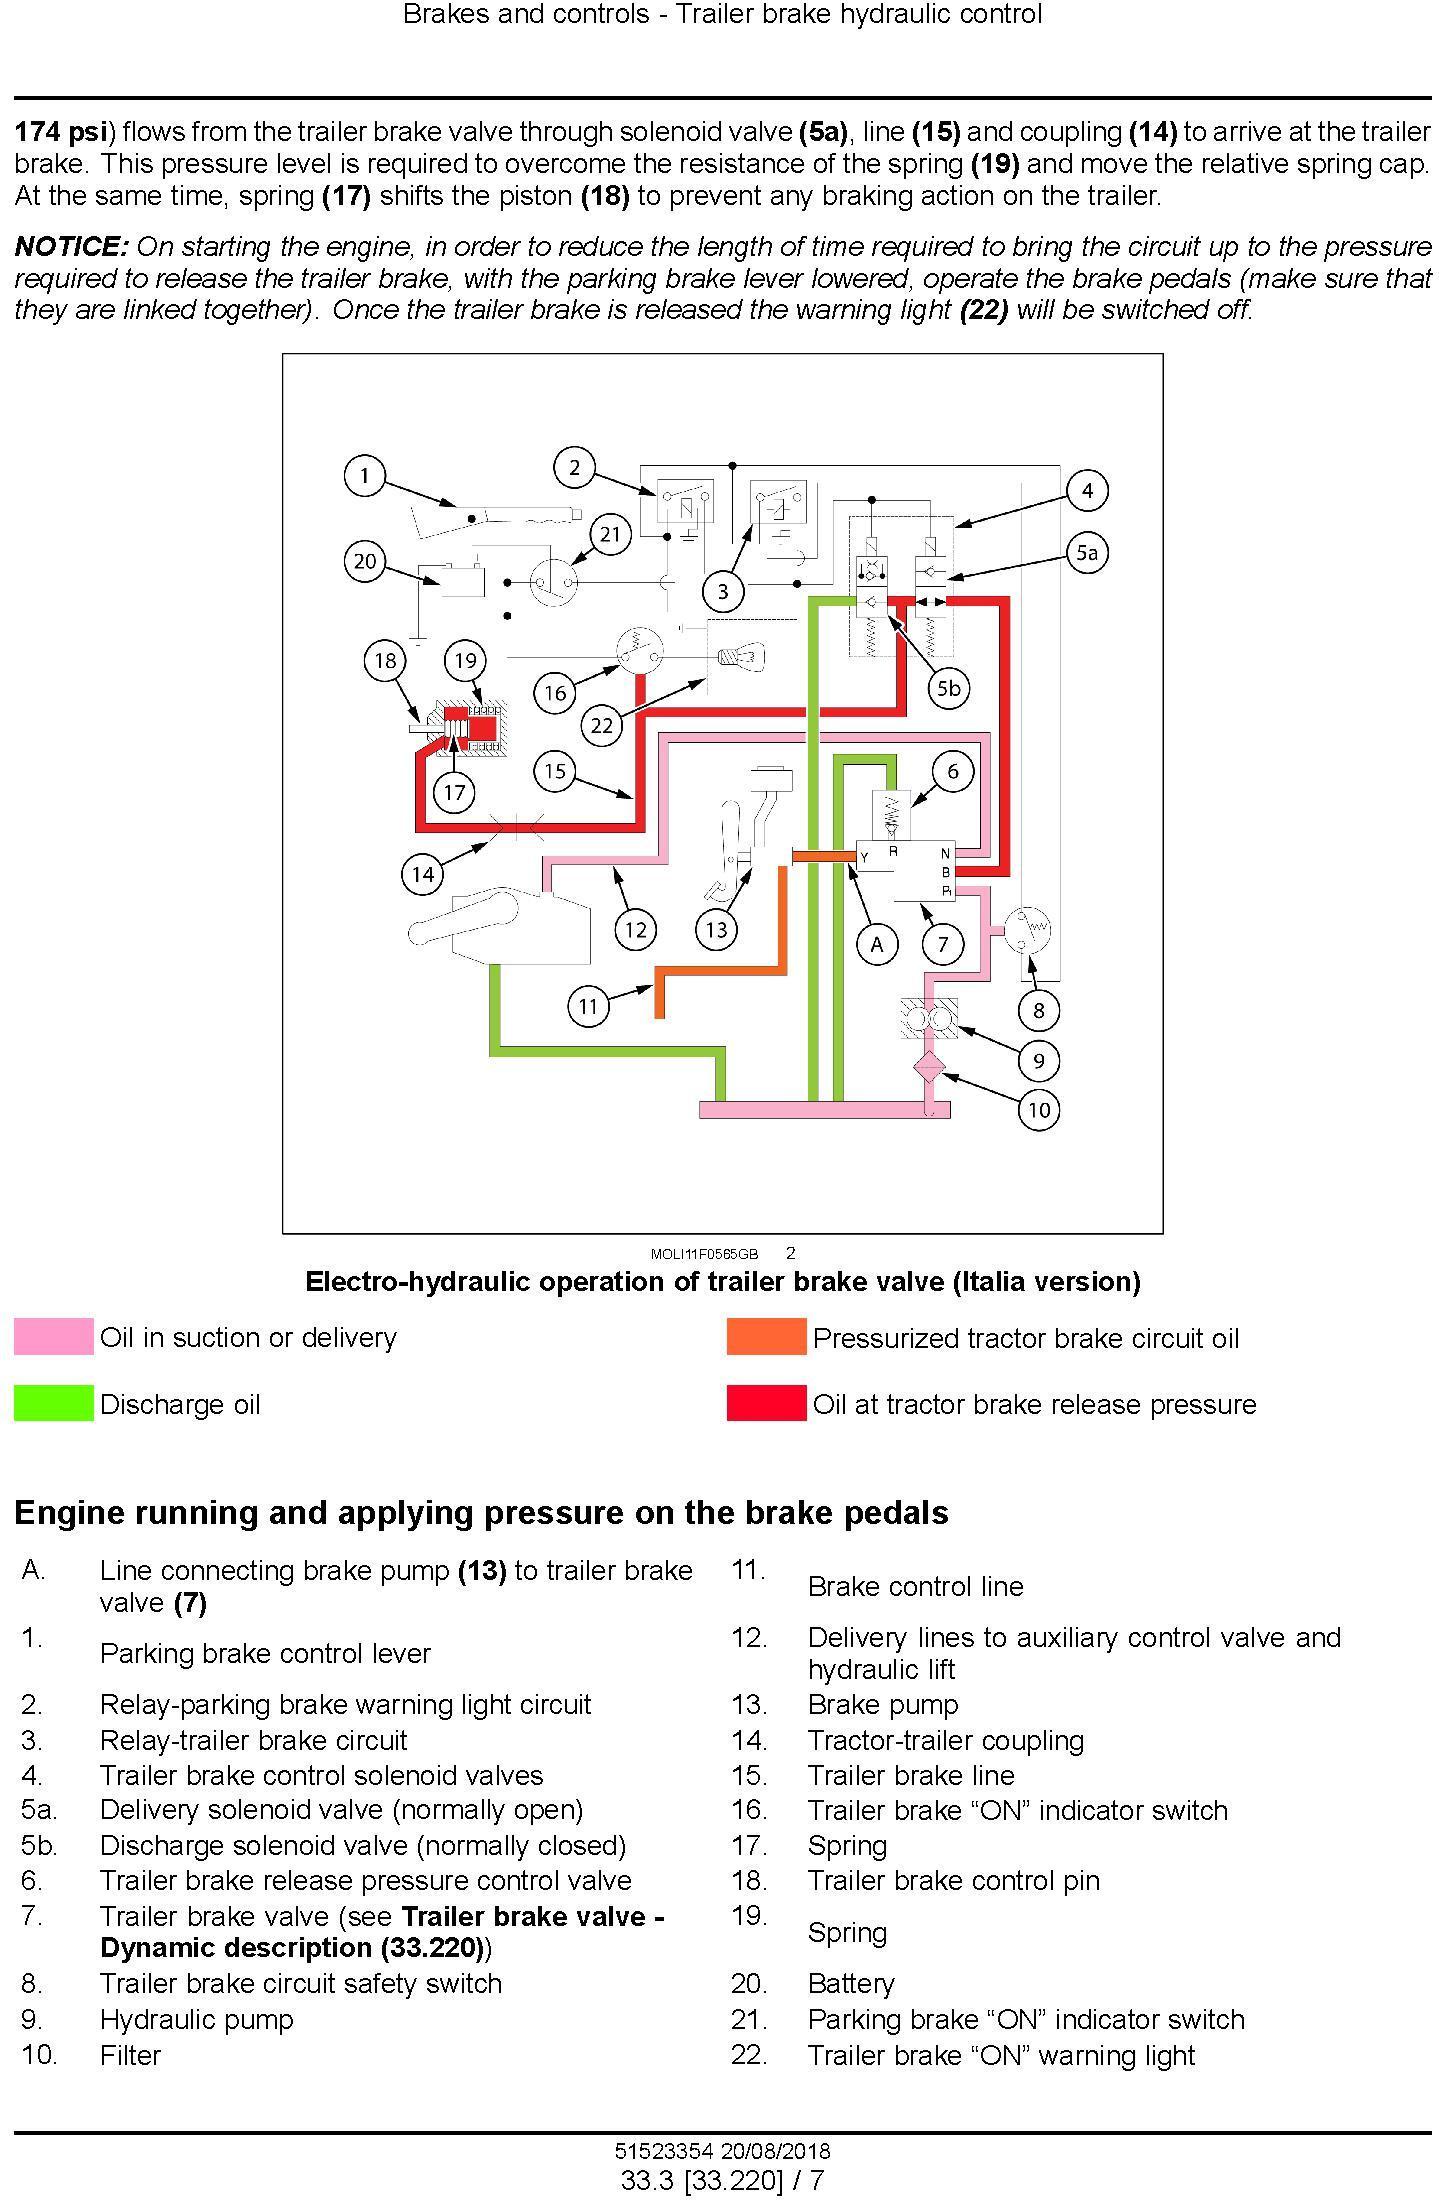 New Holland T4.80F, T4.90F, T4.100F, T4.110F Tractor Service Manual (Australia, NZ, Latin Amereca) - 1